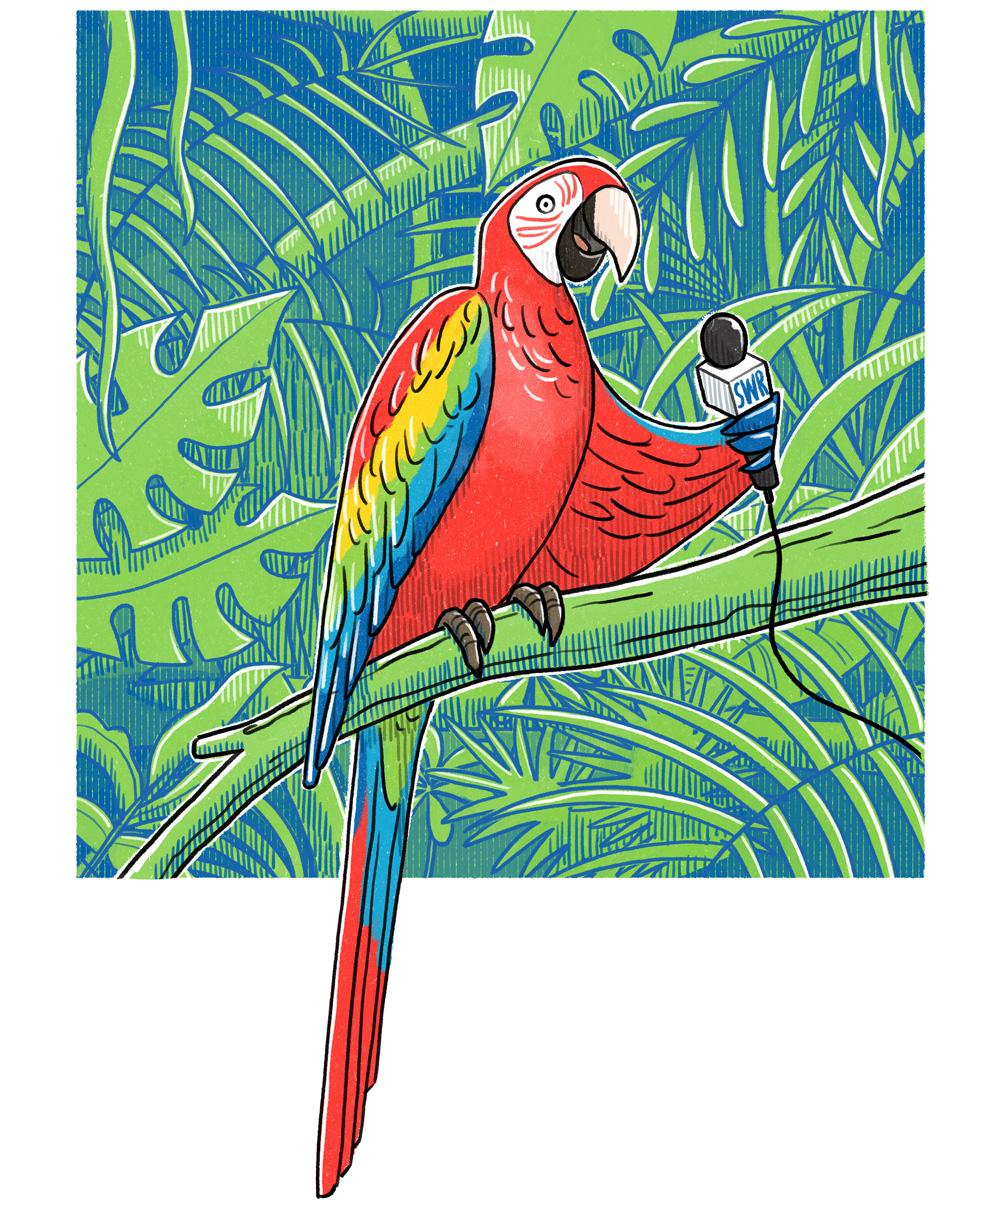 Danae_Diaz_SWR_Dschungeltour_papagei_parrot_microphone